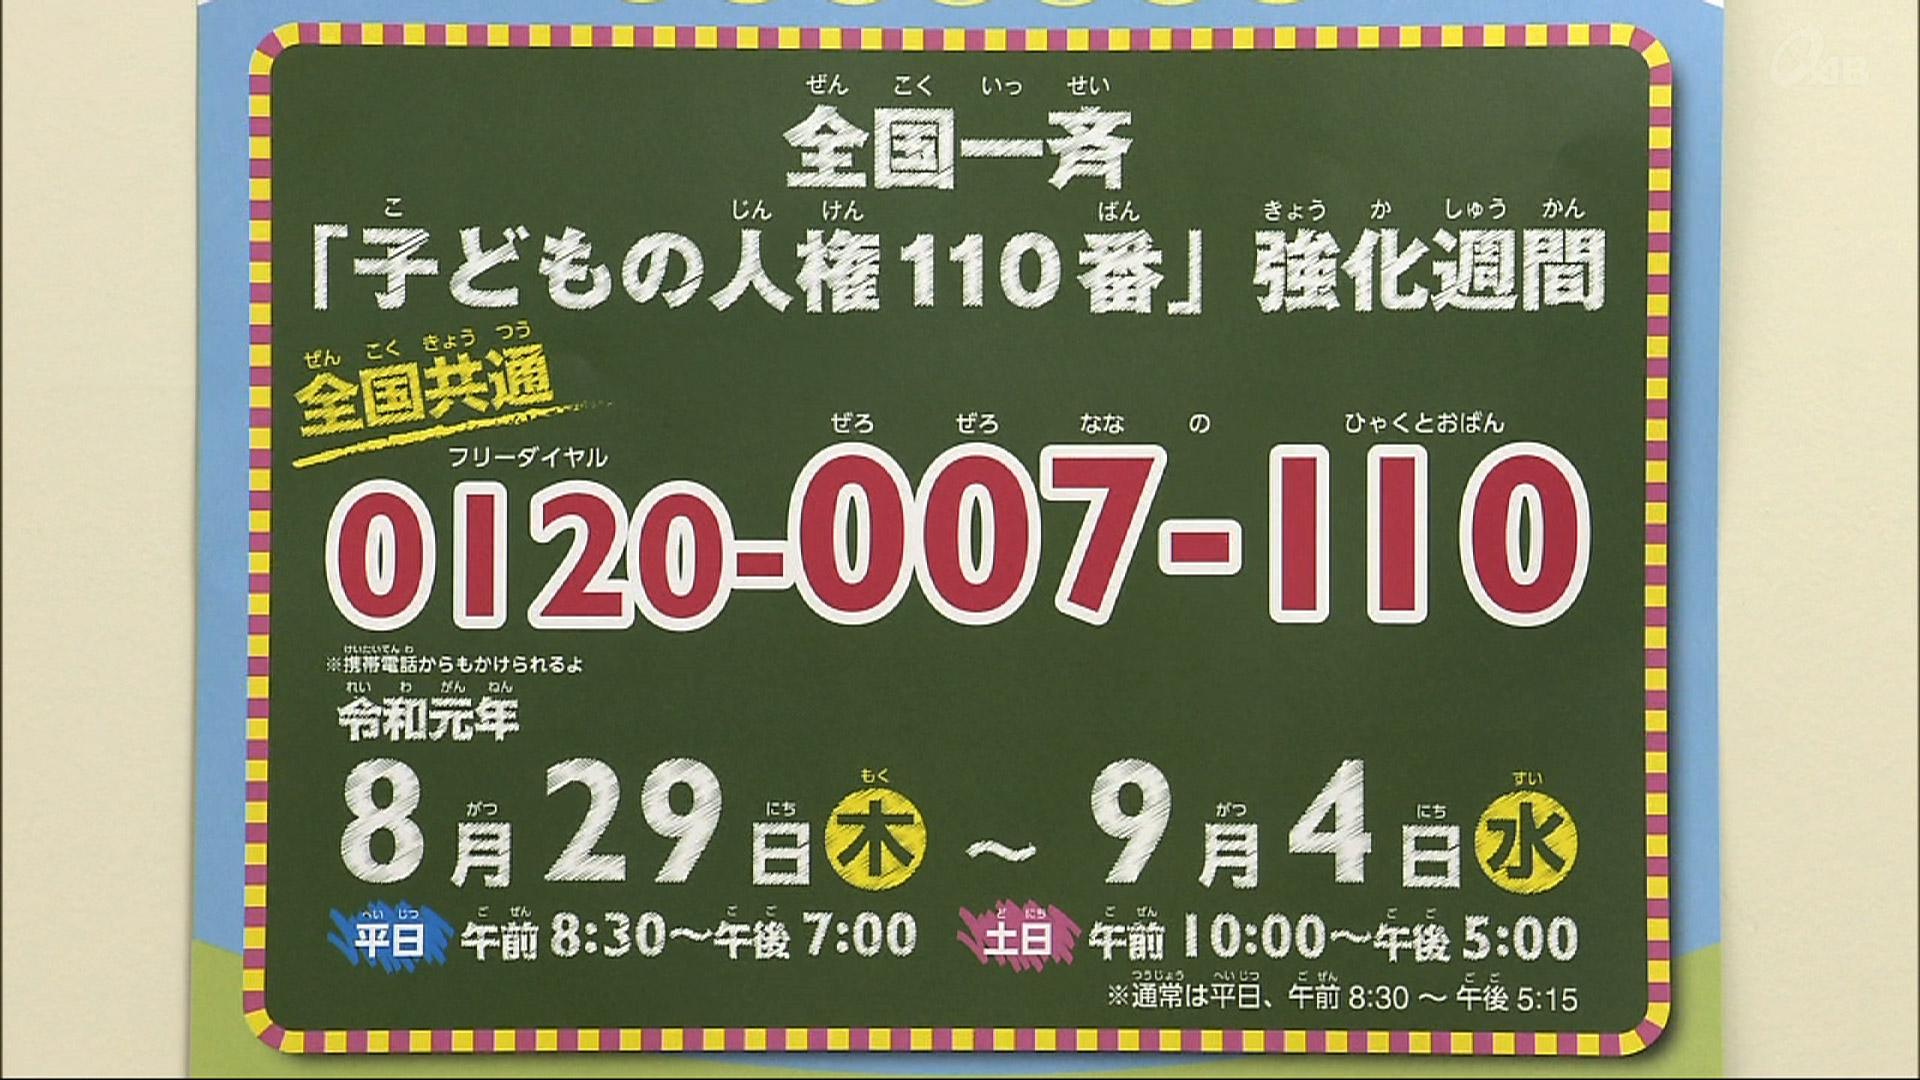 「子どもの人権110番」強化週間